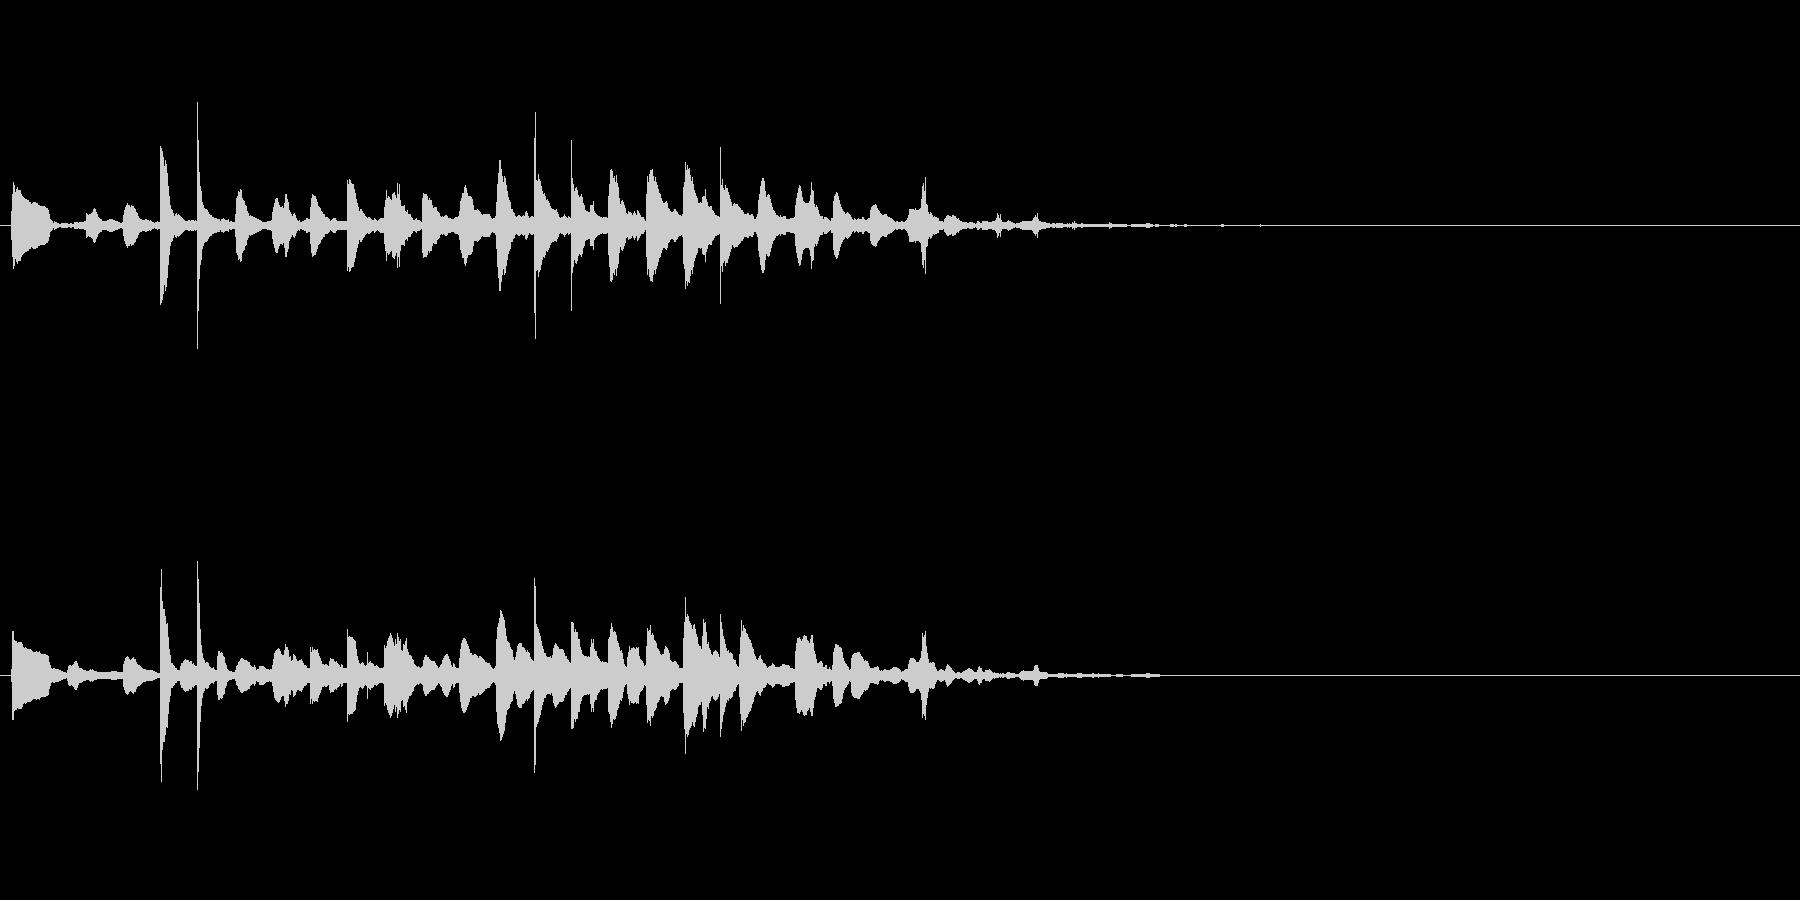 クリアで澄んだアラームの音の未再生の波形